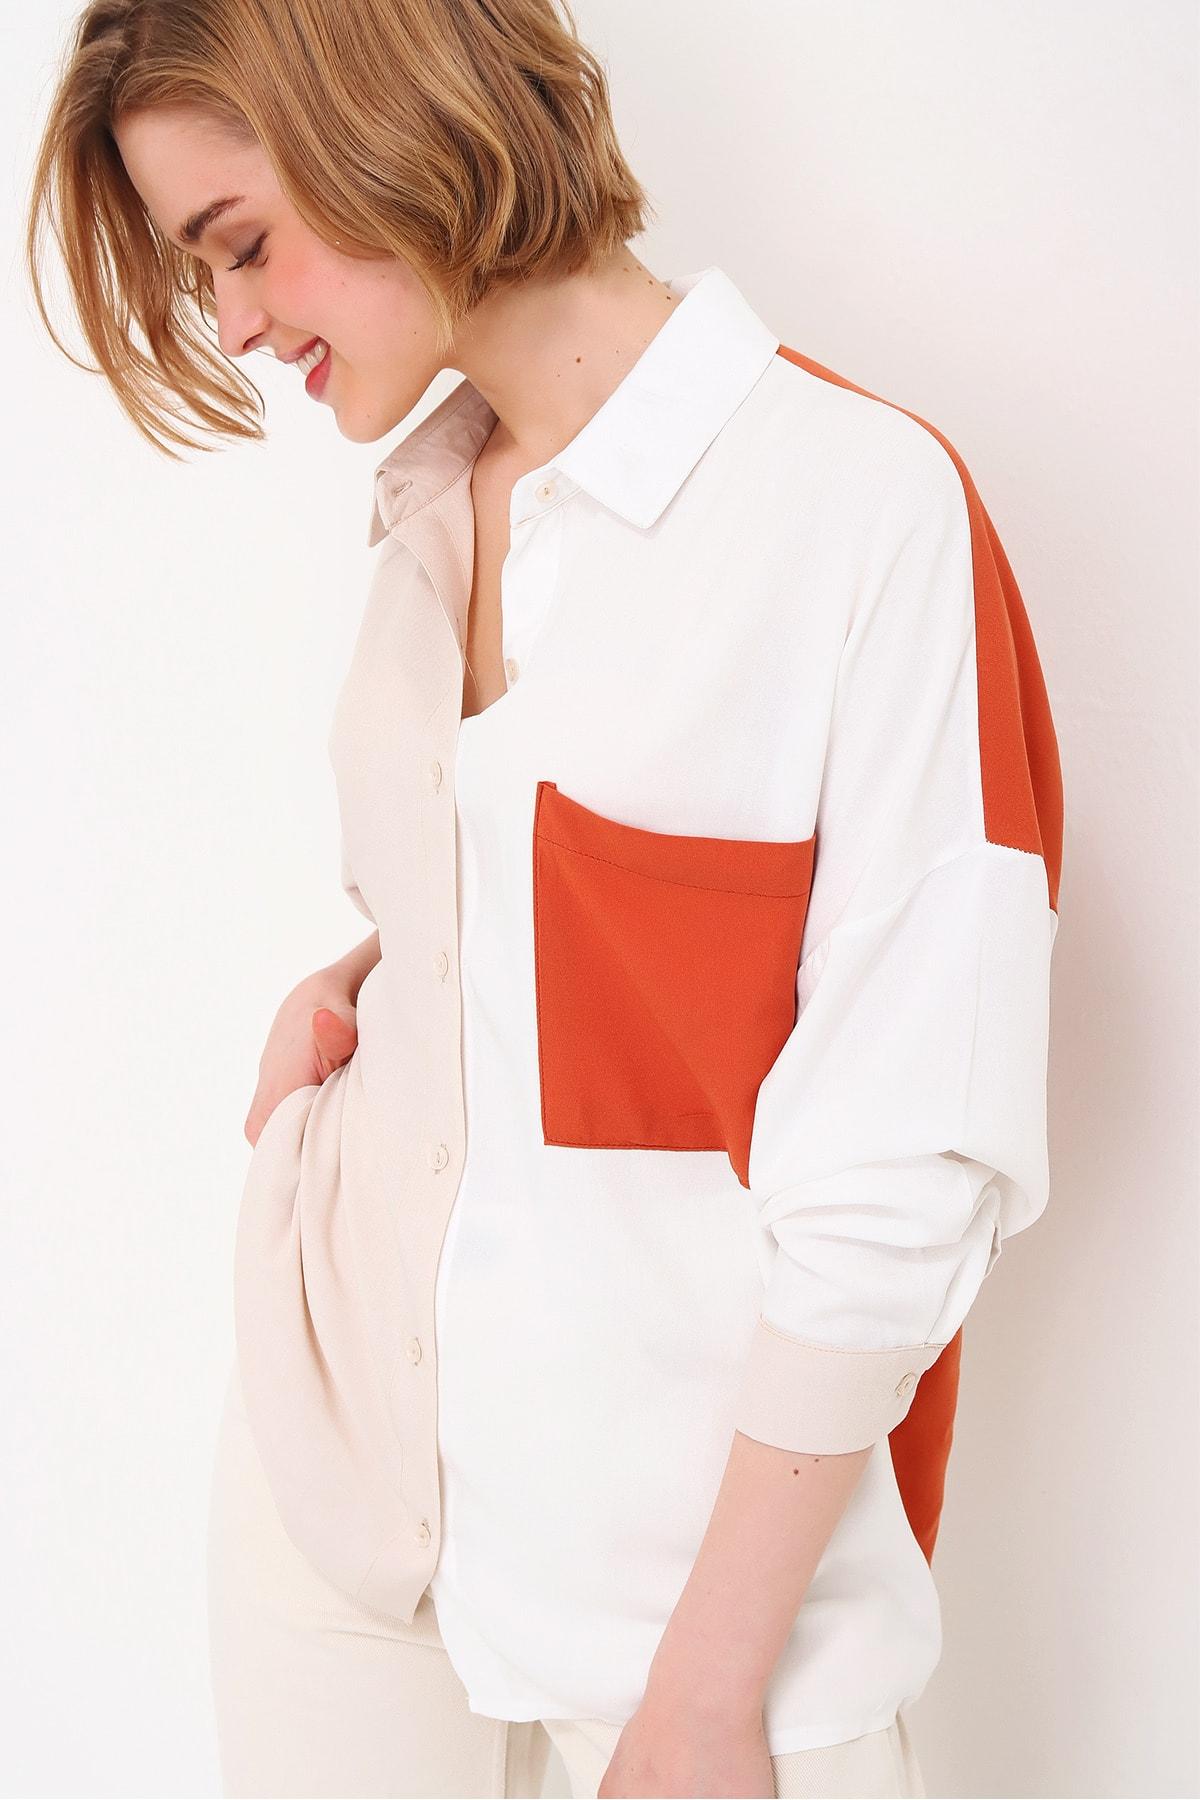 Trend Alaçatı Stili Kadın Ekru Tek Cep Bloklu Dokuma Viscon Gömlek ALC-X5898 1